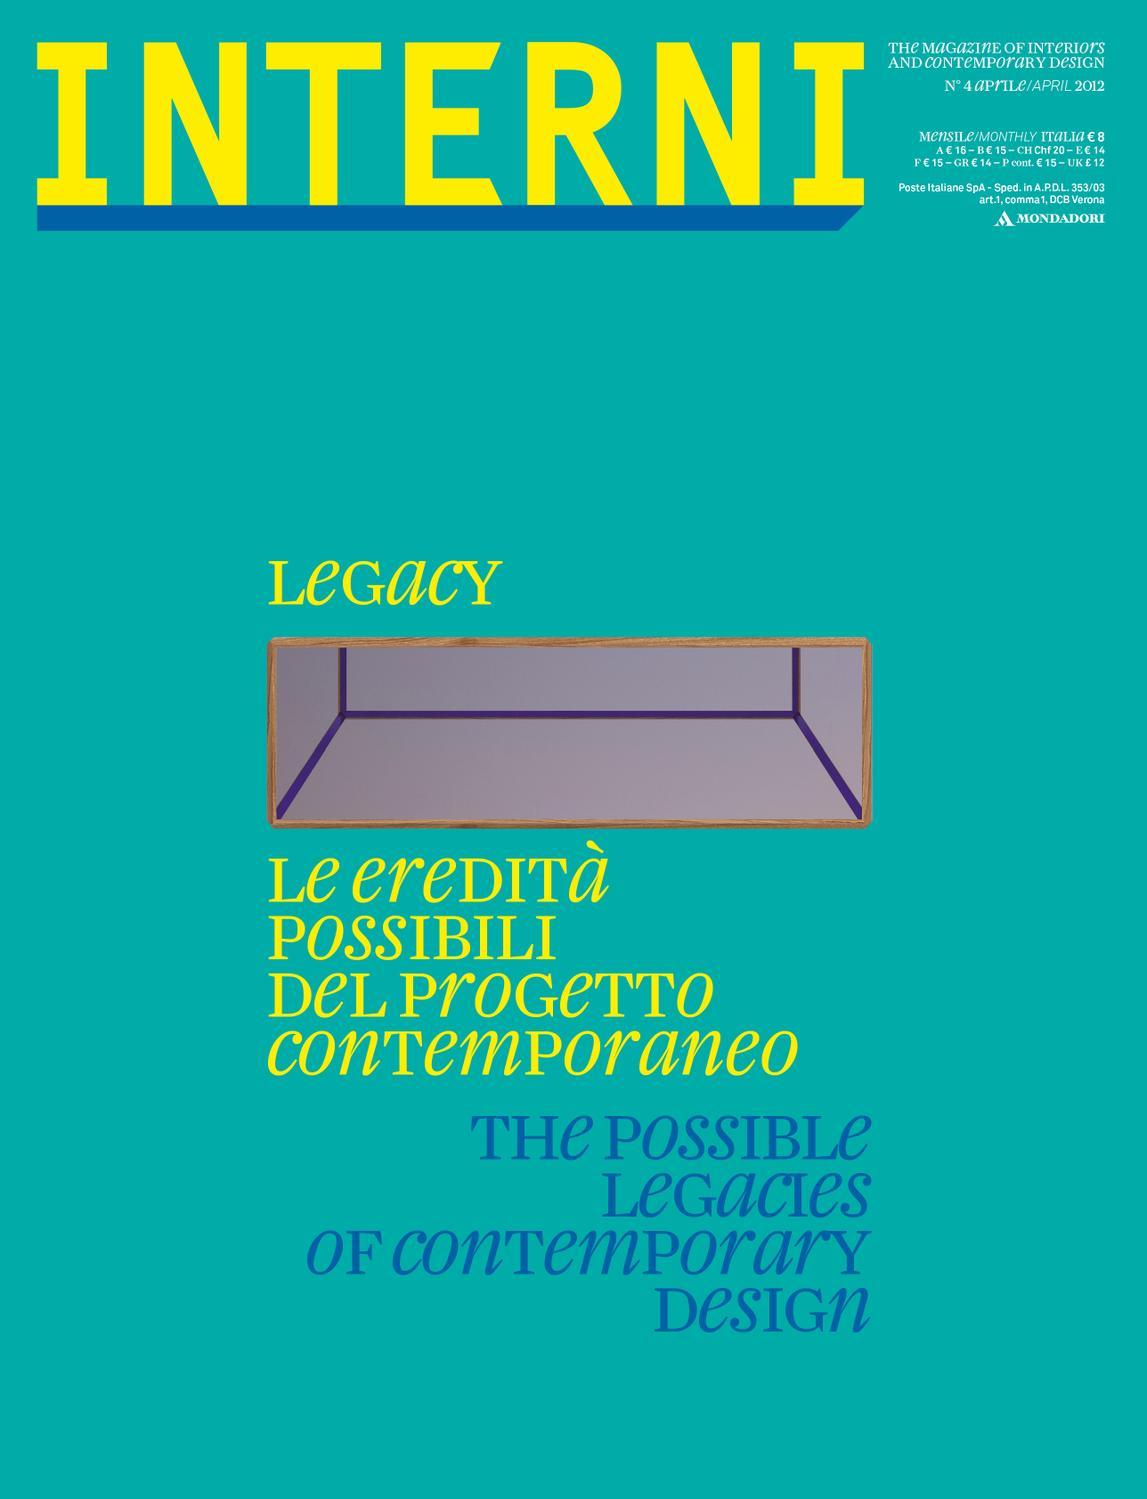 Casa Del Tappezziere Seregno interni magazine 620 - april 2012 by interni magazine - issuu